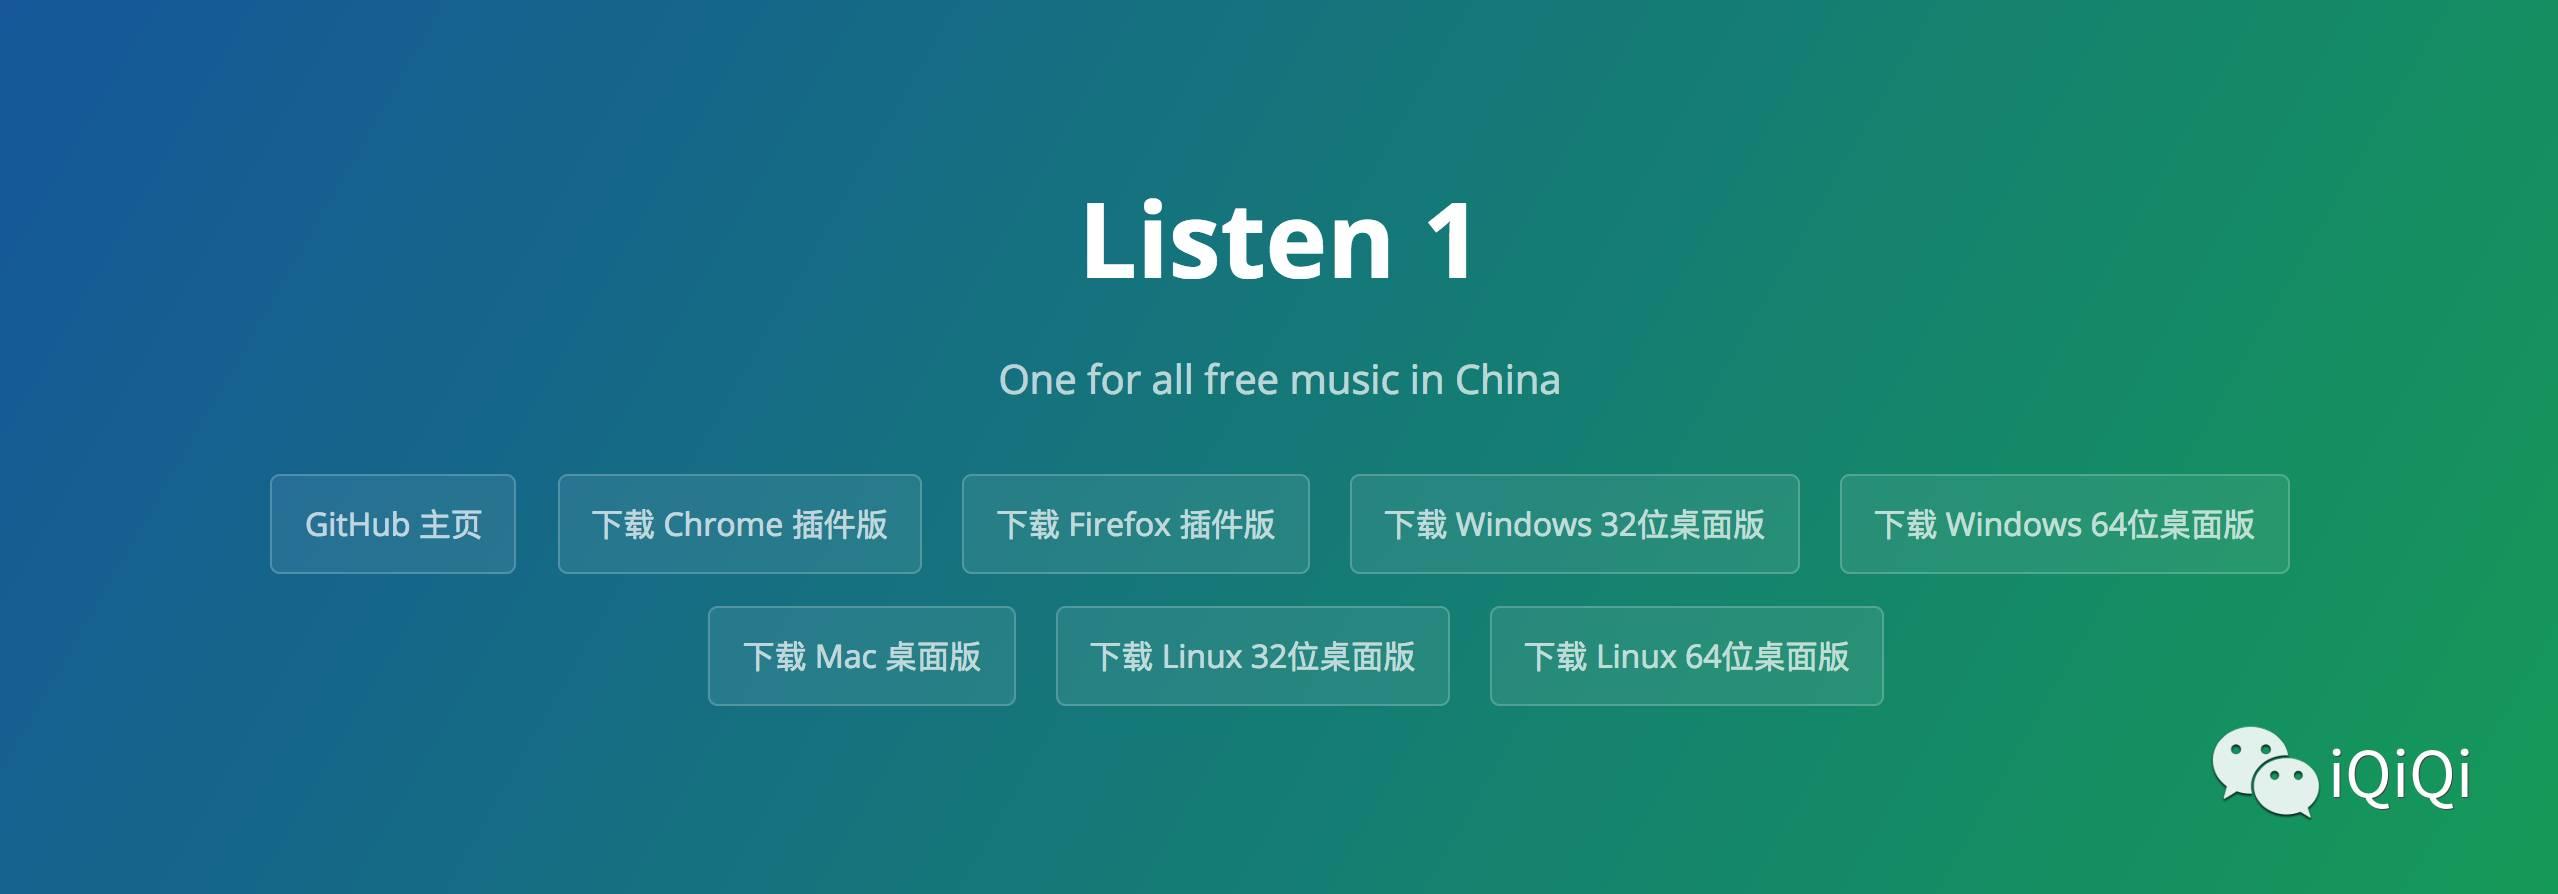 网易云音乐、QQ音乐和虾米音乐我们一起听!-iQiQi